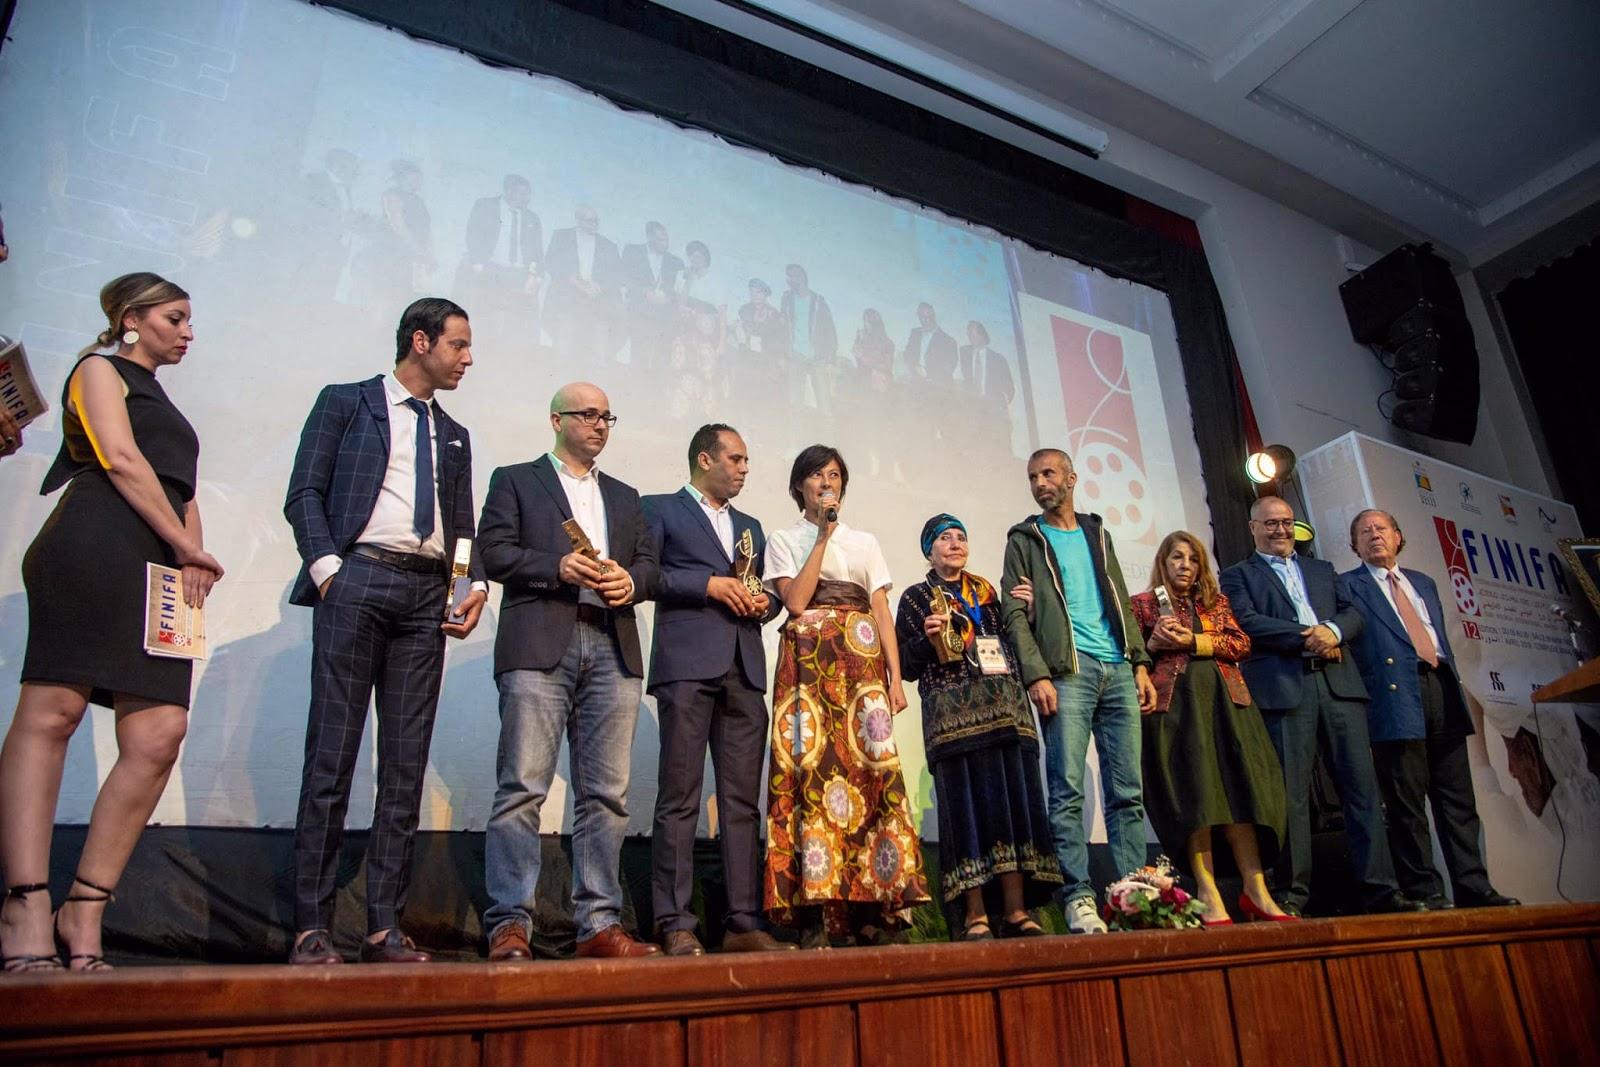 روح منتج سينمائي جزائري انتحر حرقاً للإطاحة بنظام بوتفليقة ترفرف في مهرجان دولي للسينما الأمازيغية بأكادير !